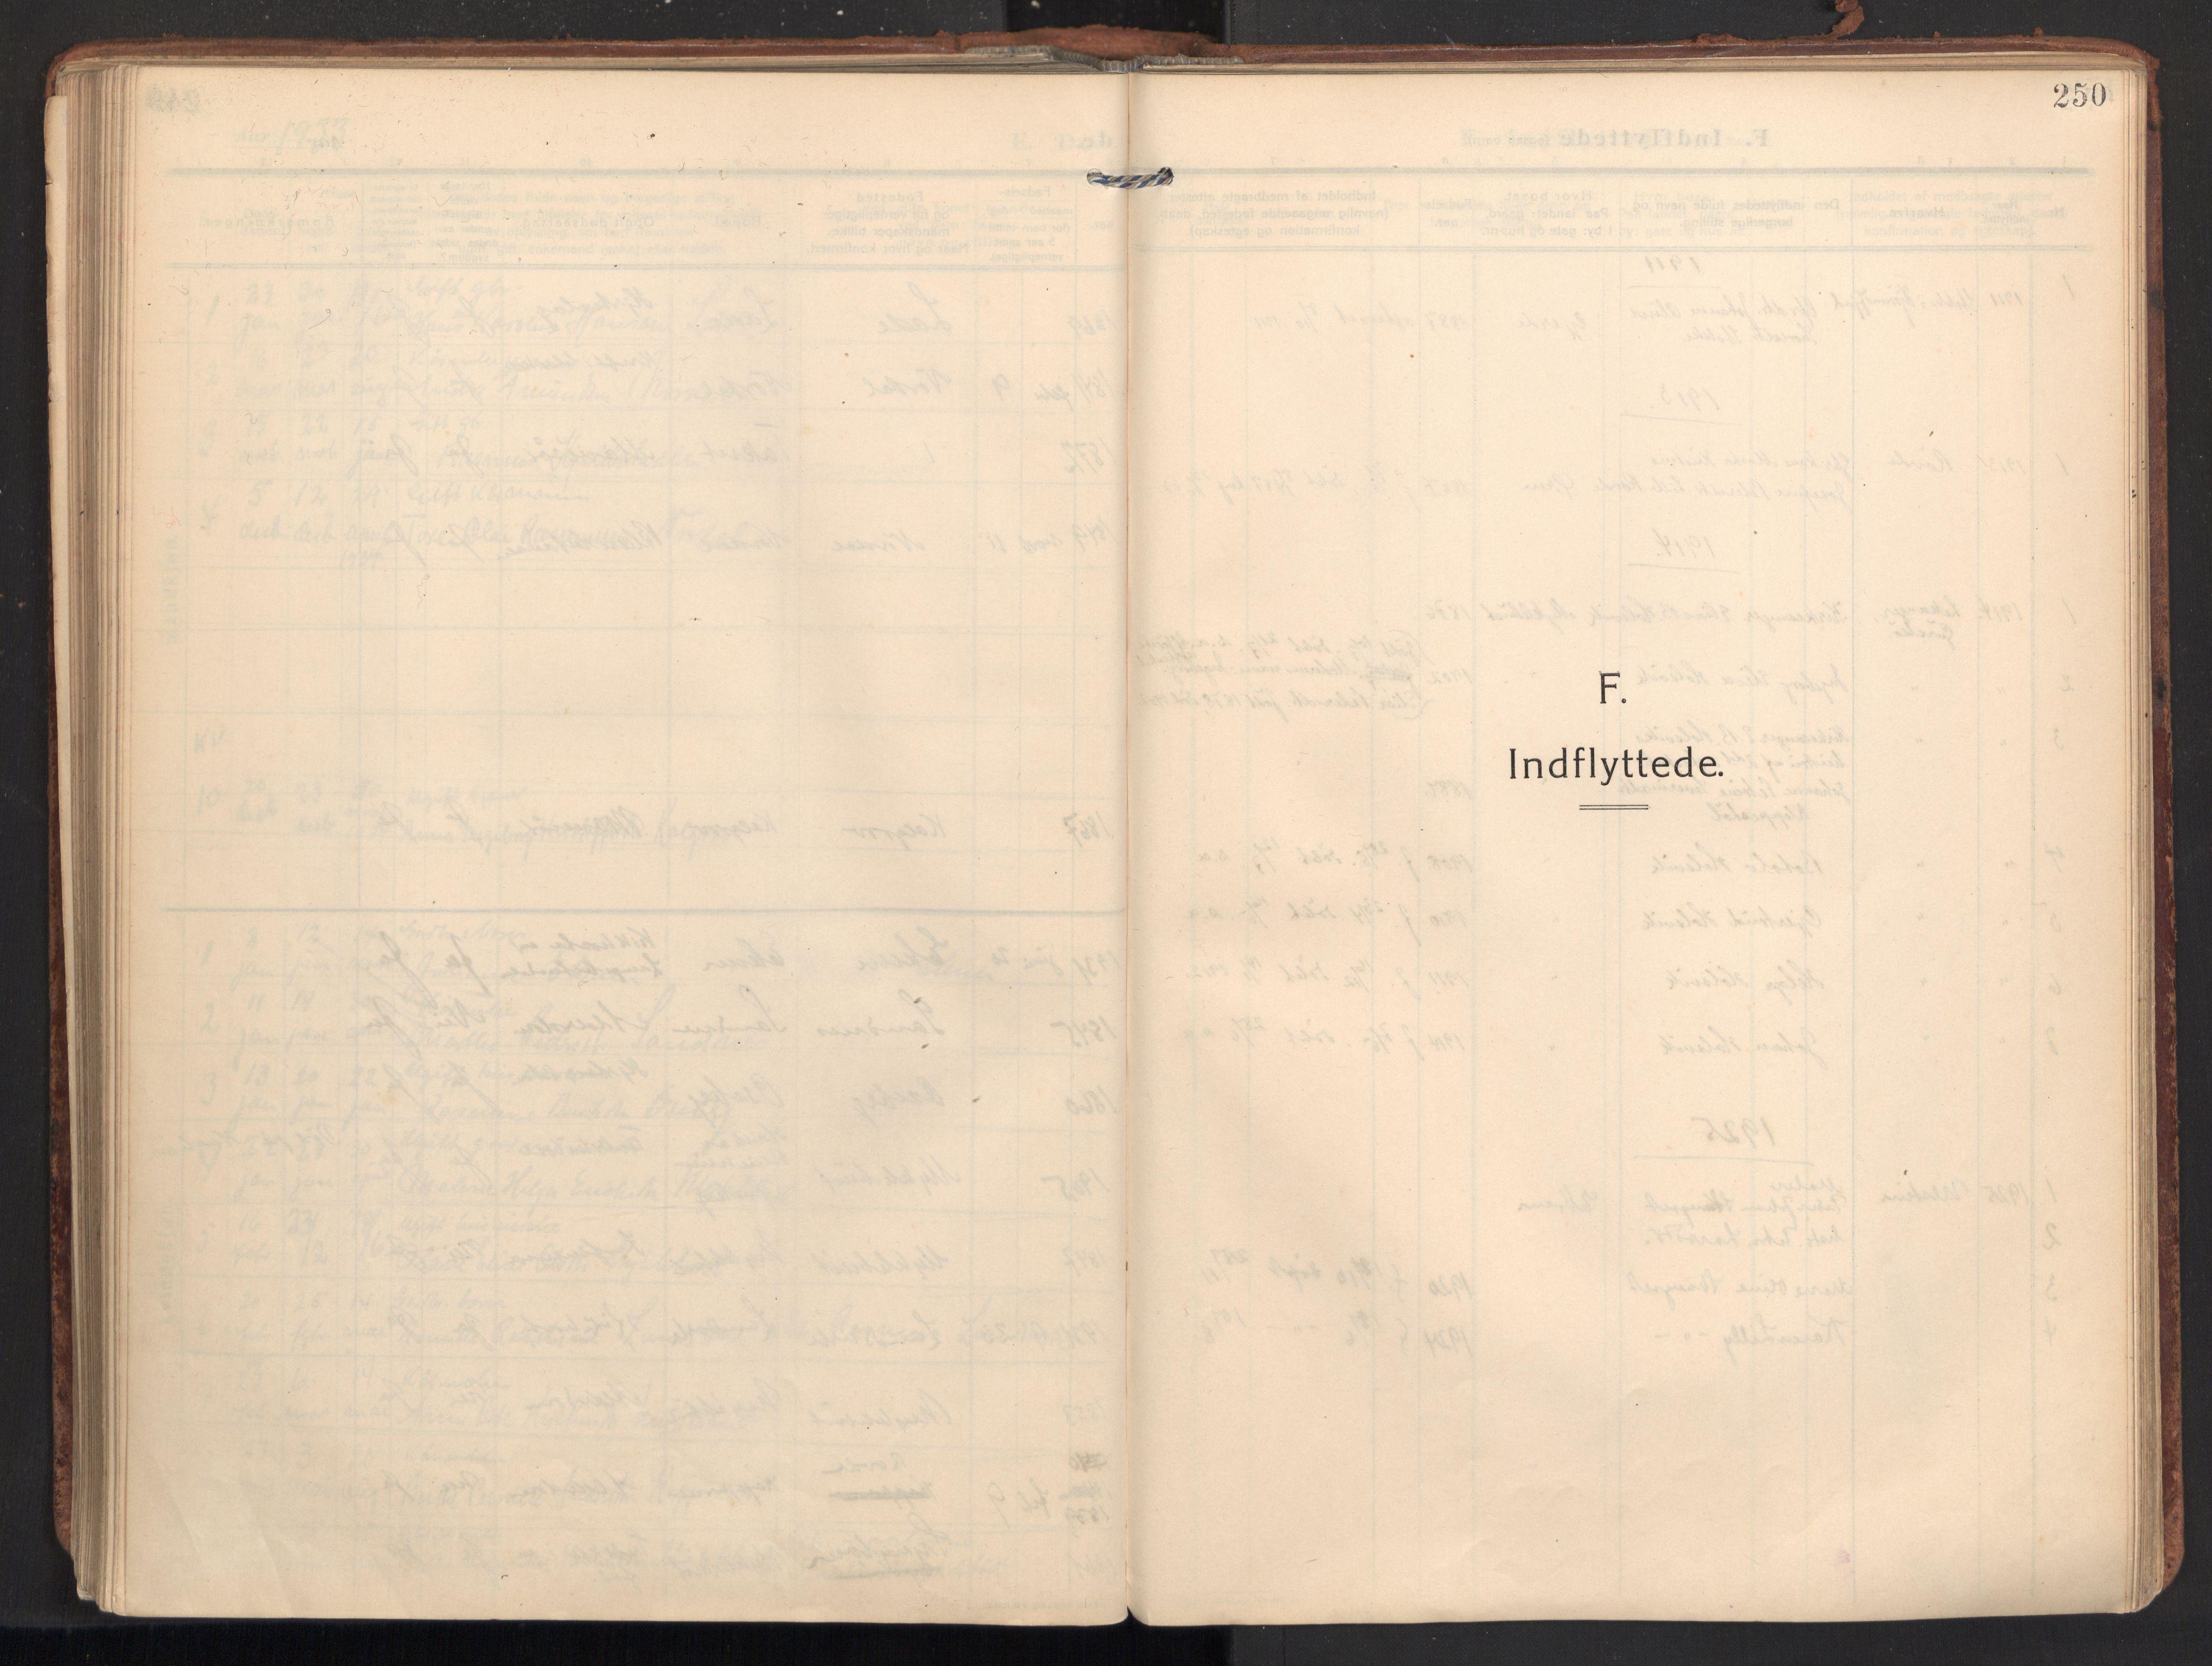 SAT, Ministerialprotokoller, klokkerbøker og fødselsregistre - Møre og Romsdal, 502/L0026: Ministerialbok nr. 502A04, 1909-1933, s. 250